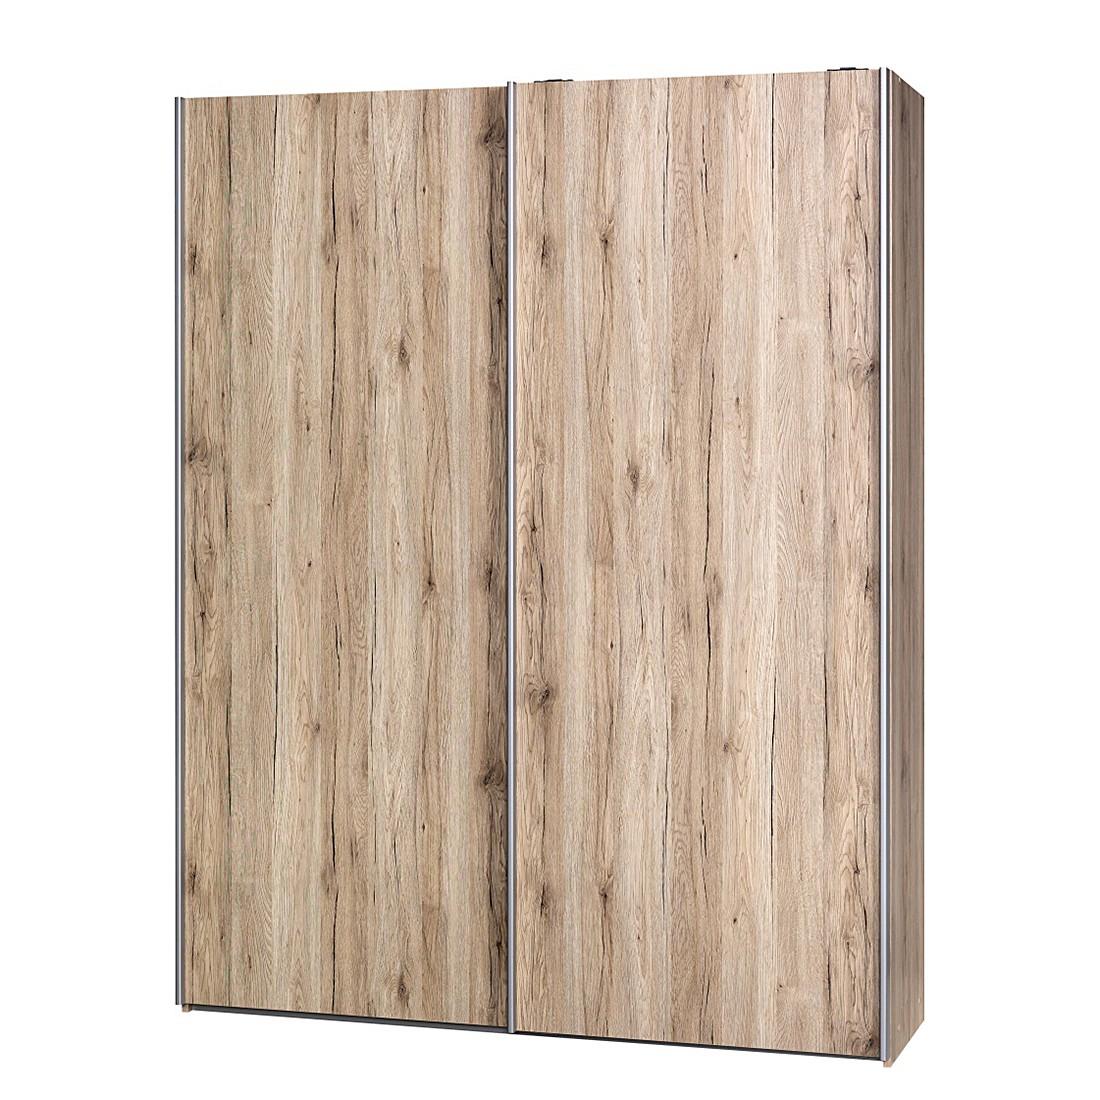 schwebet renschrank soft smart 150 cm wei hochglanz wei ohne spiegelt r en cs schmal. Black Bedroom Furniture Sets. Home Design Ideas